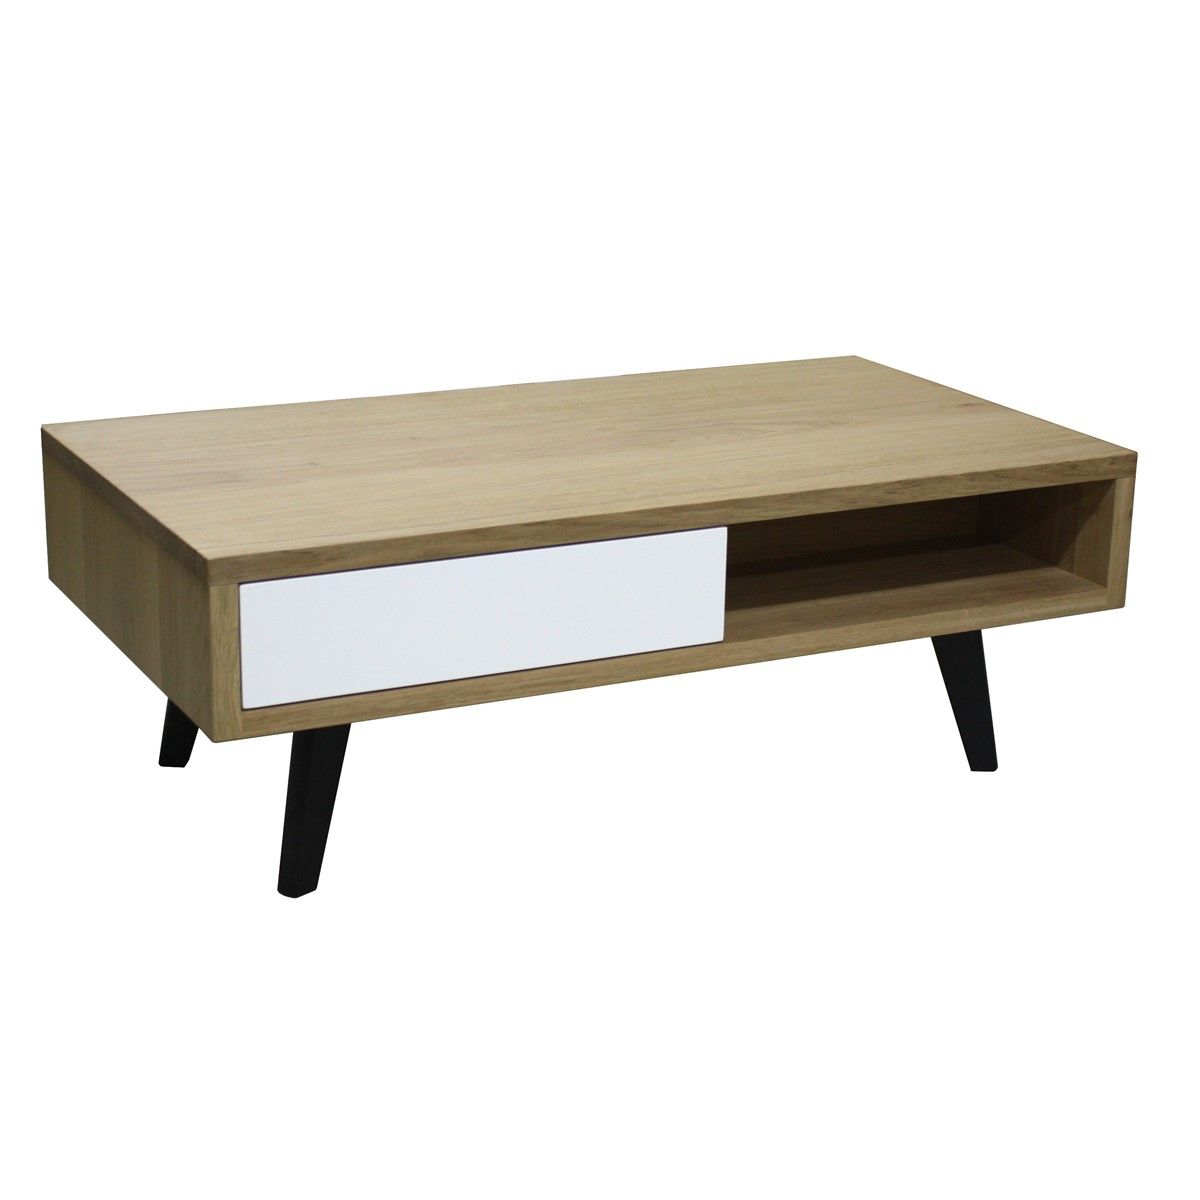 Les 25 meilleures id es de la cat gorie table basse style - Decoration pour table basse ...